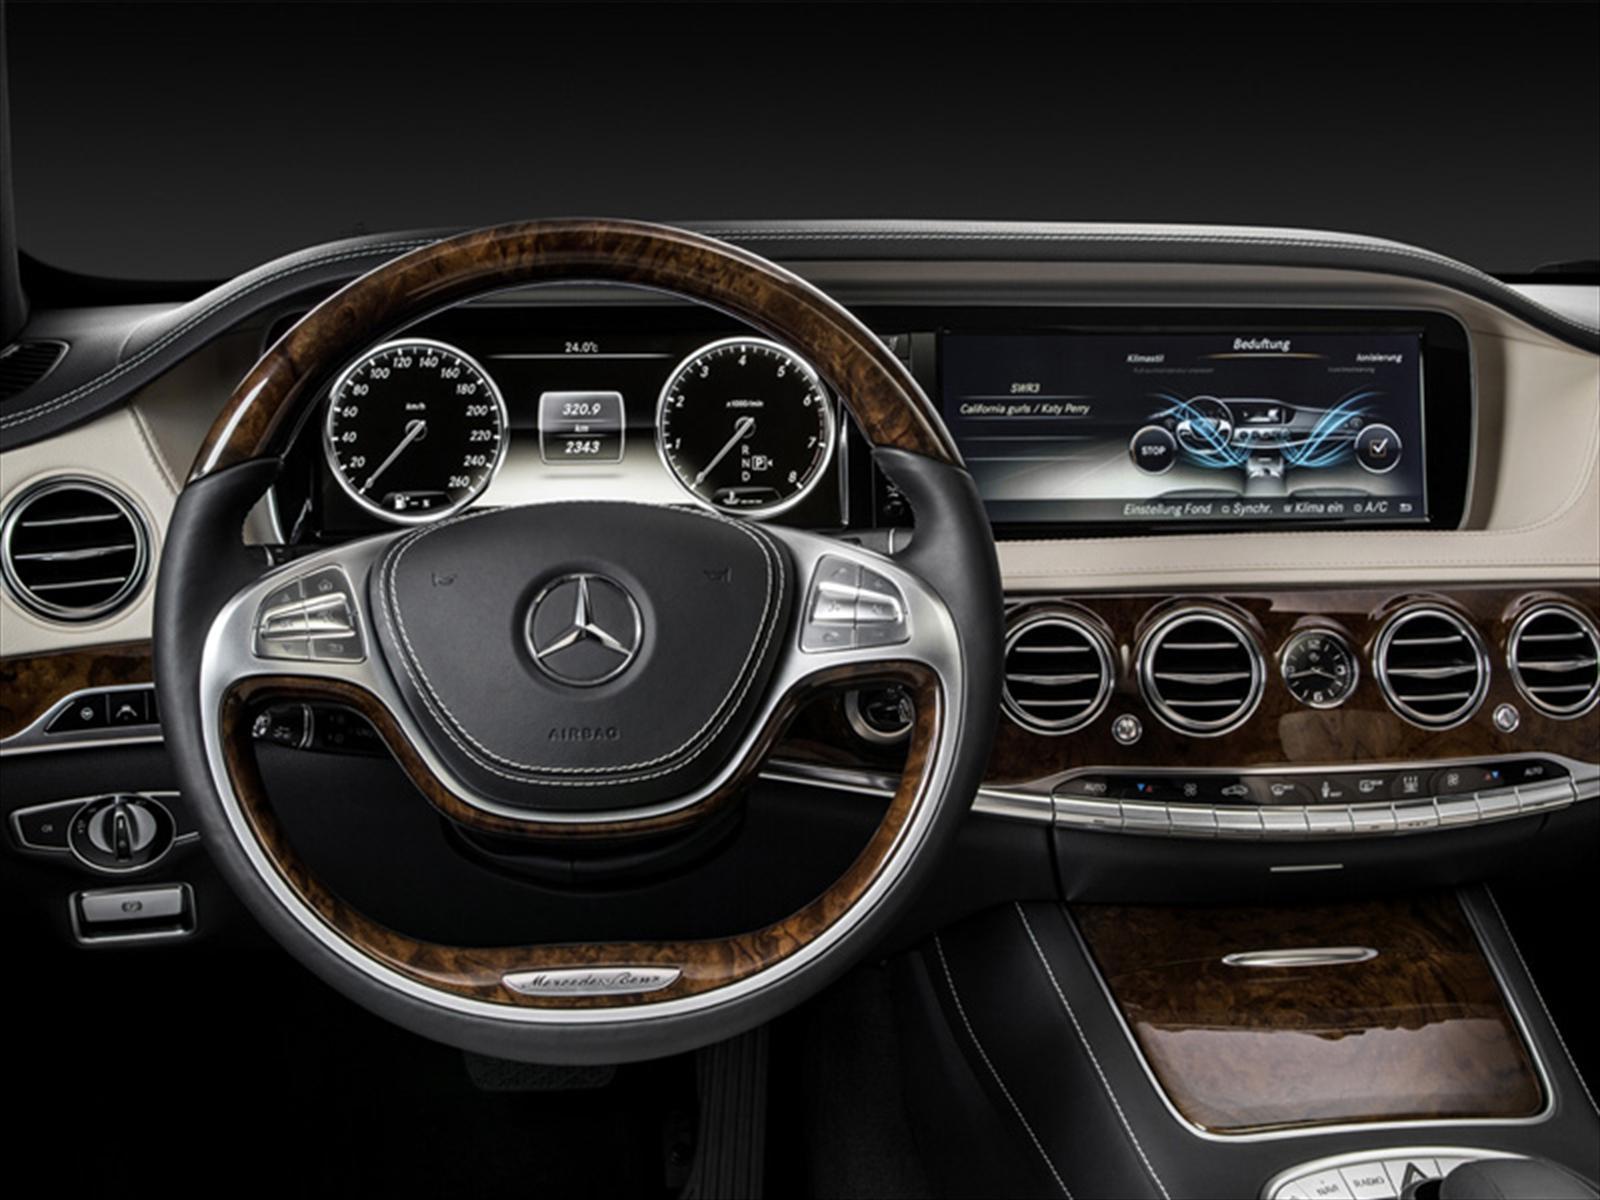 Mercedes Benz clase S 2017 - Detalles técnicos y precios del vehículo mas lujoso